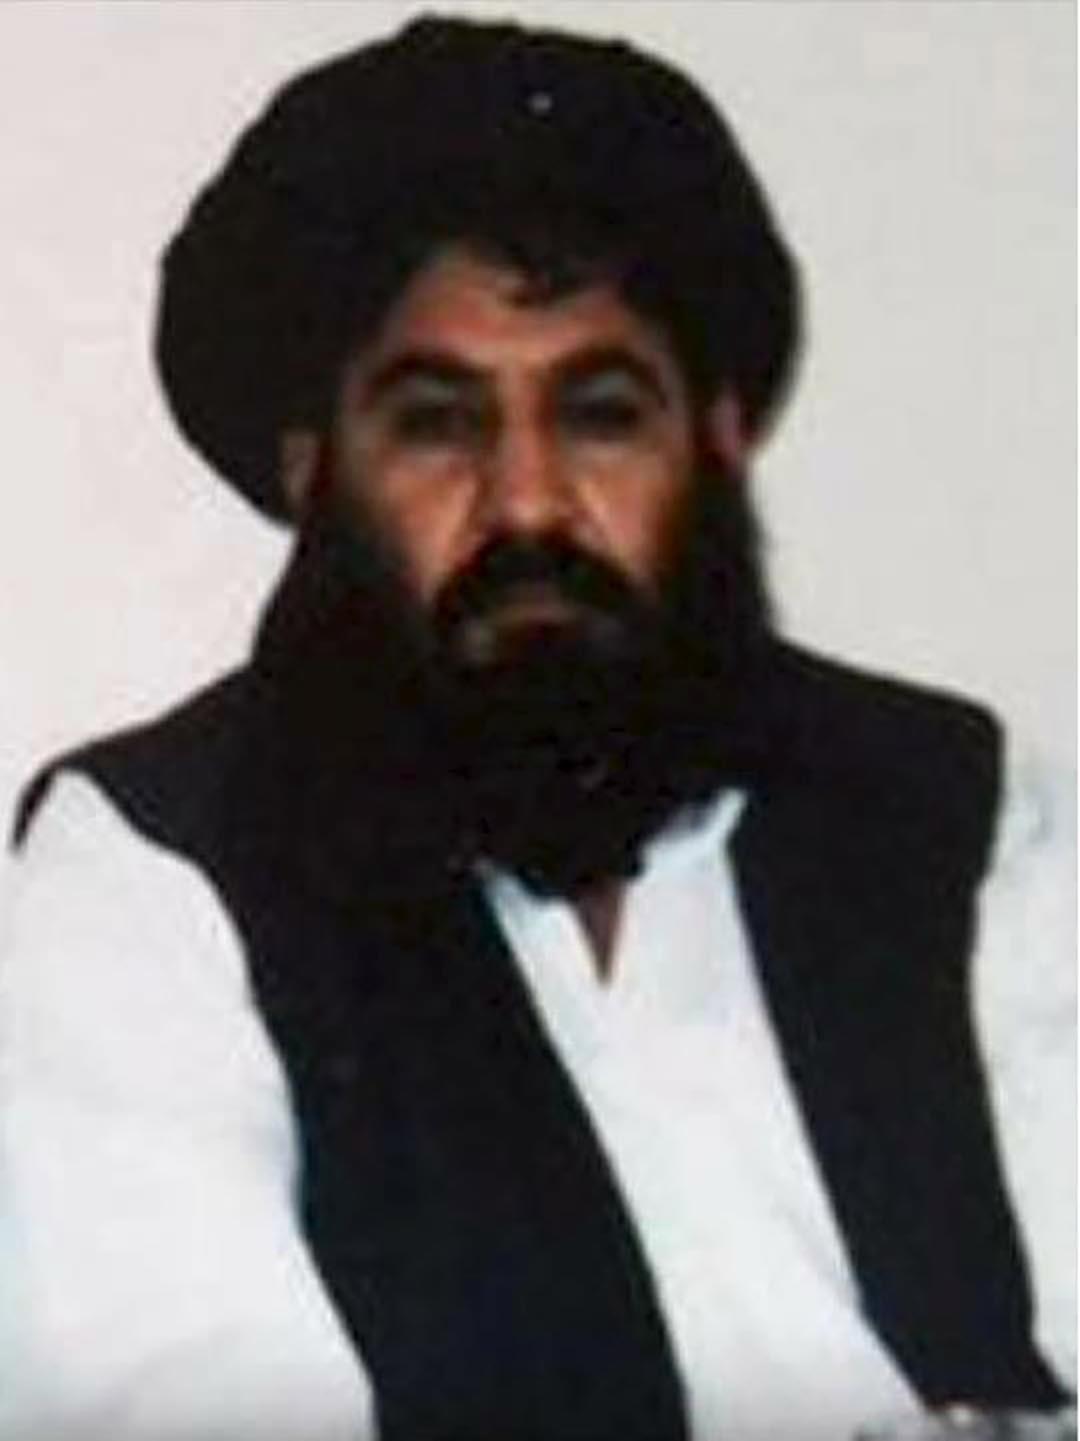 阿富汗塔利班新領袖曼蘇爾。攝 : Handout/REUTERS